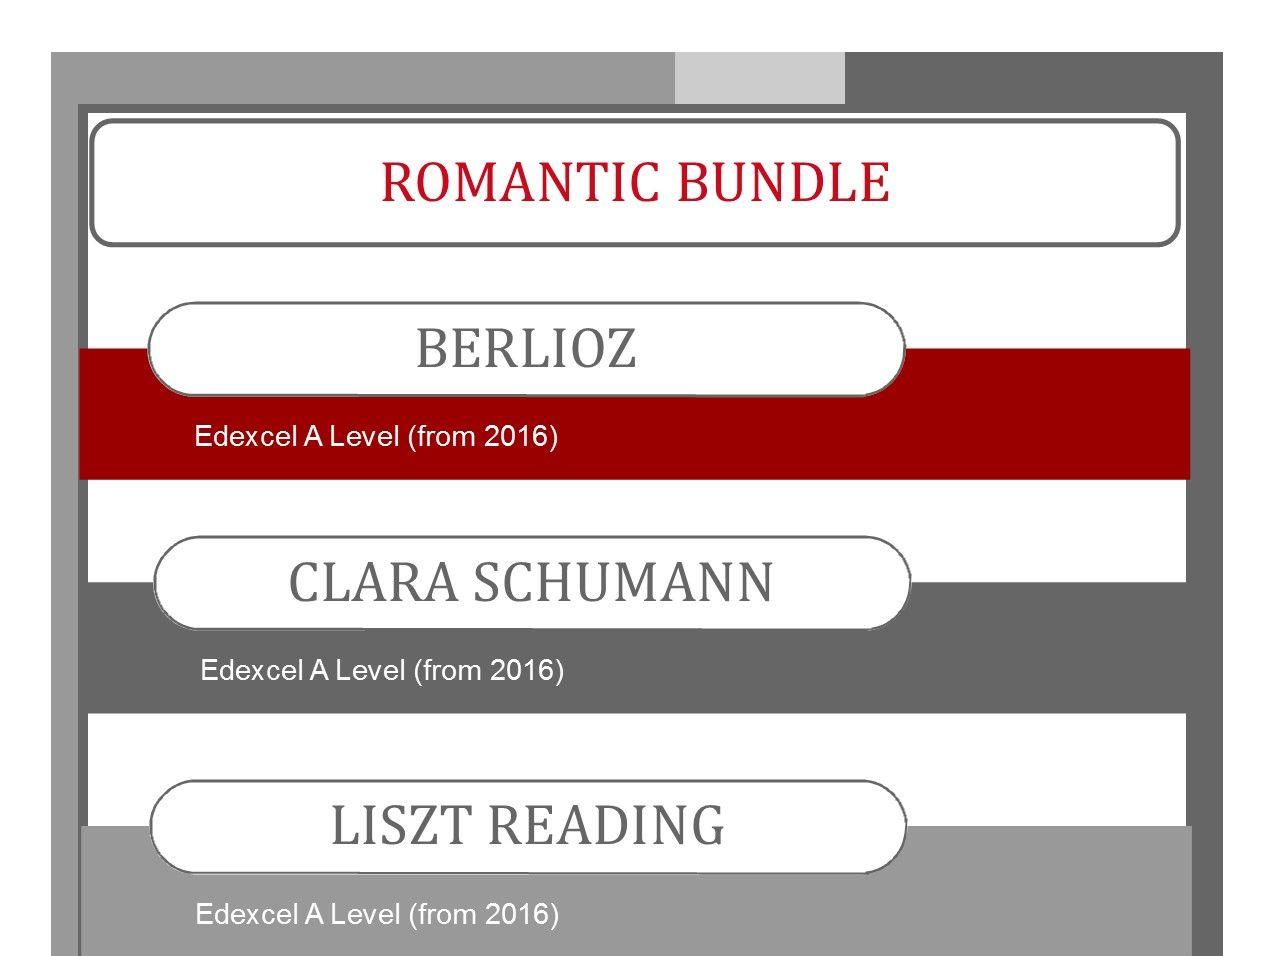 Romantic Bundle for Edexcel Music A Level (2016-)